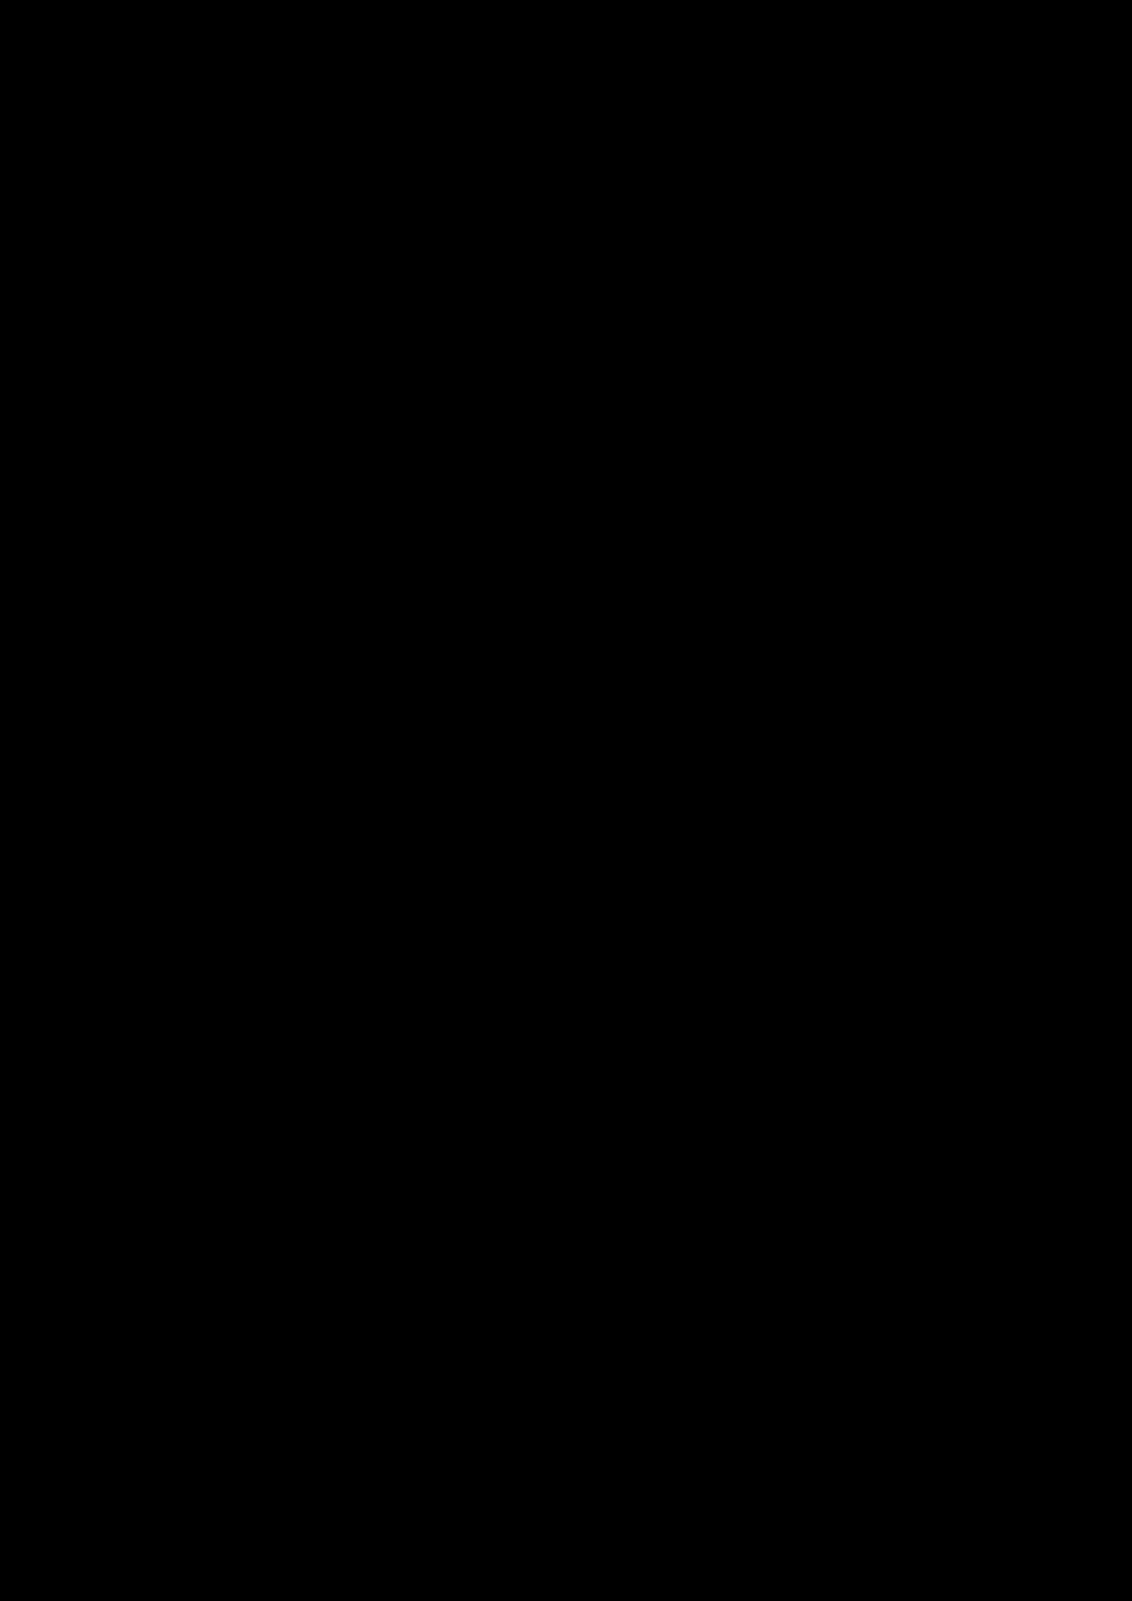 Serdtse slide, Image 16